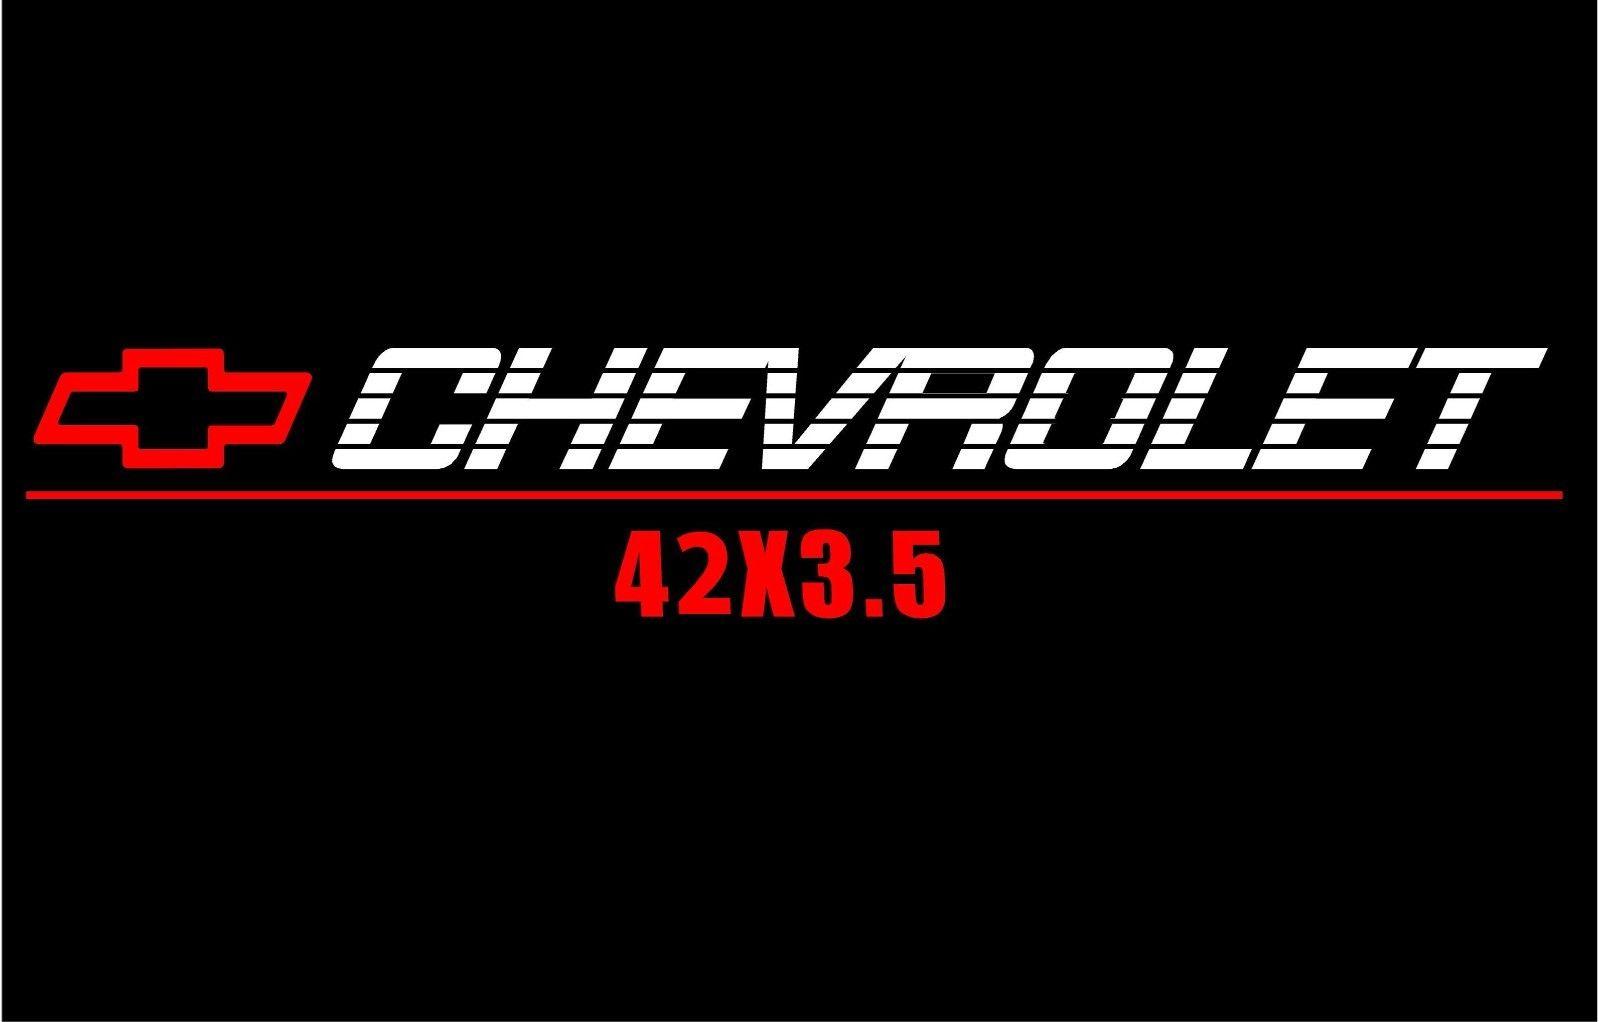 Chevrolet Window Decal Chevy Trucks Windshield Sticker